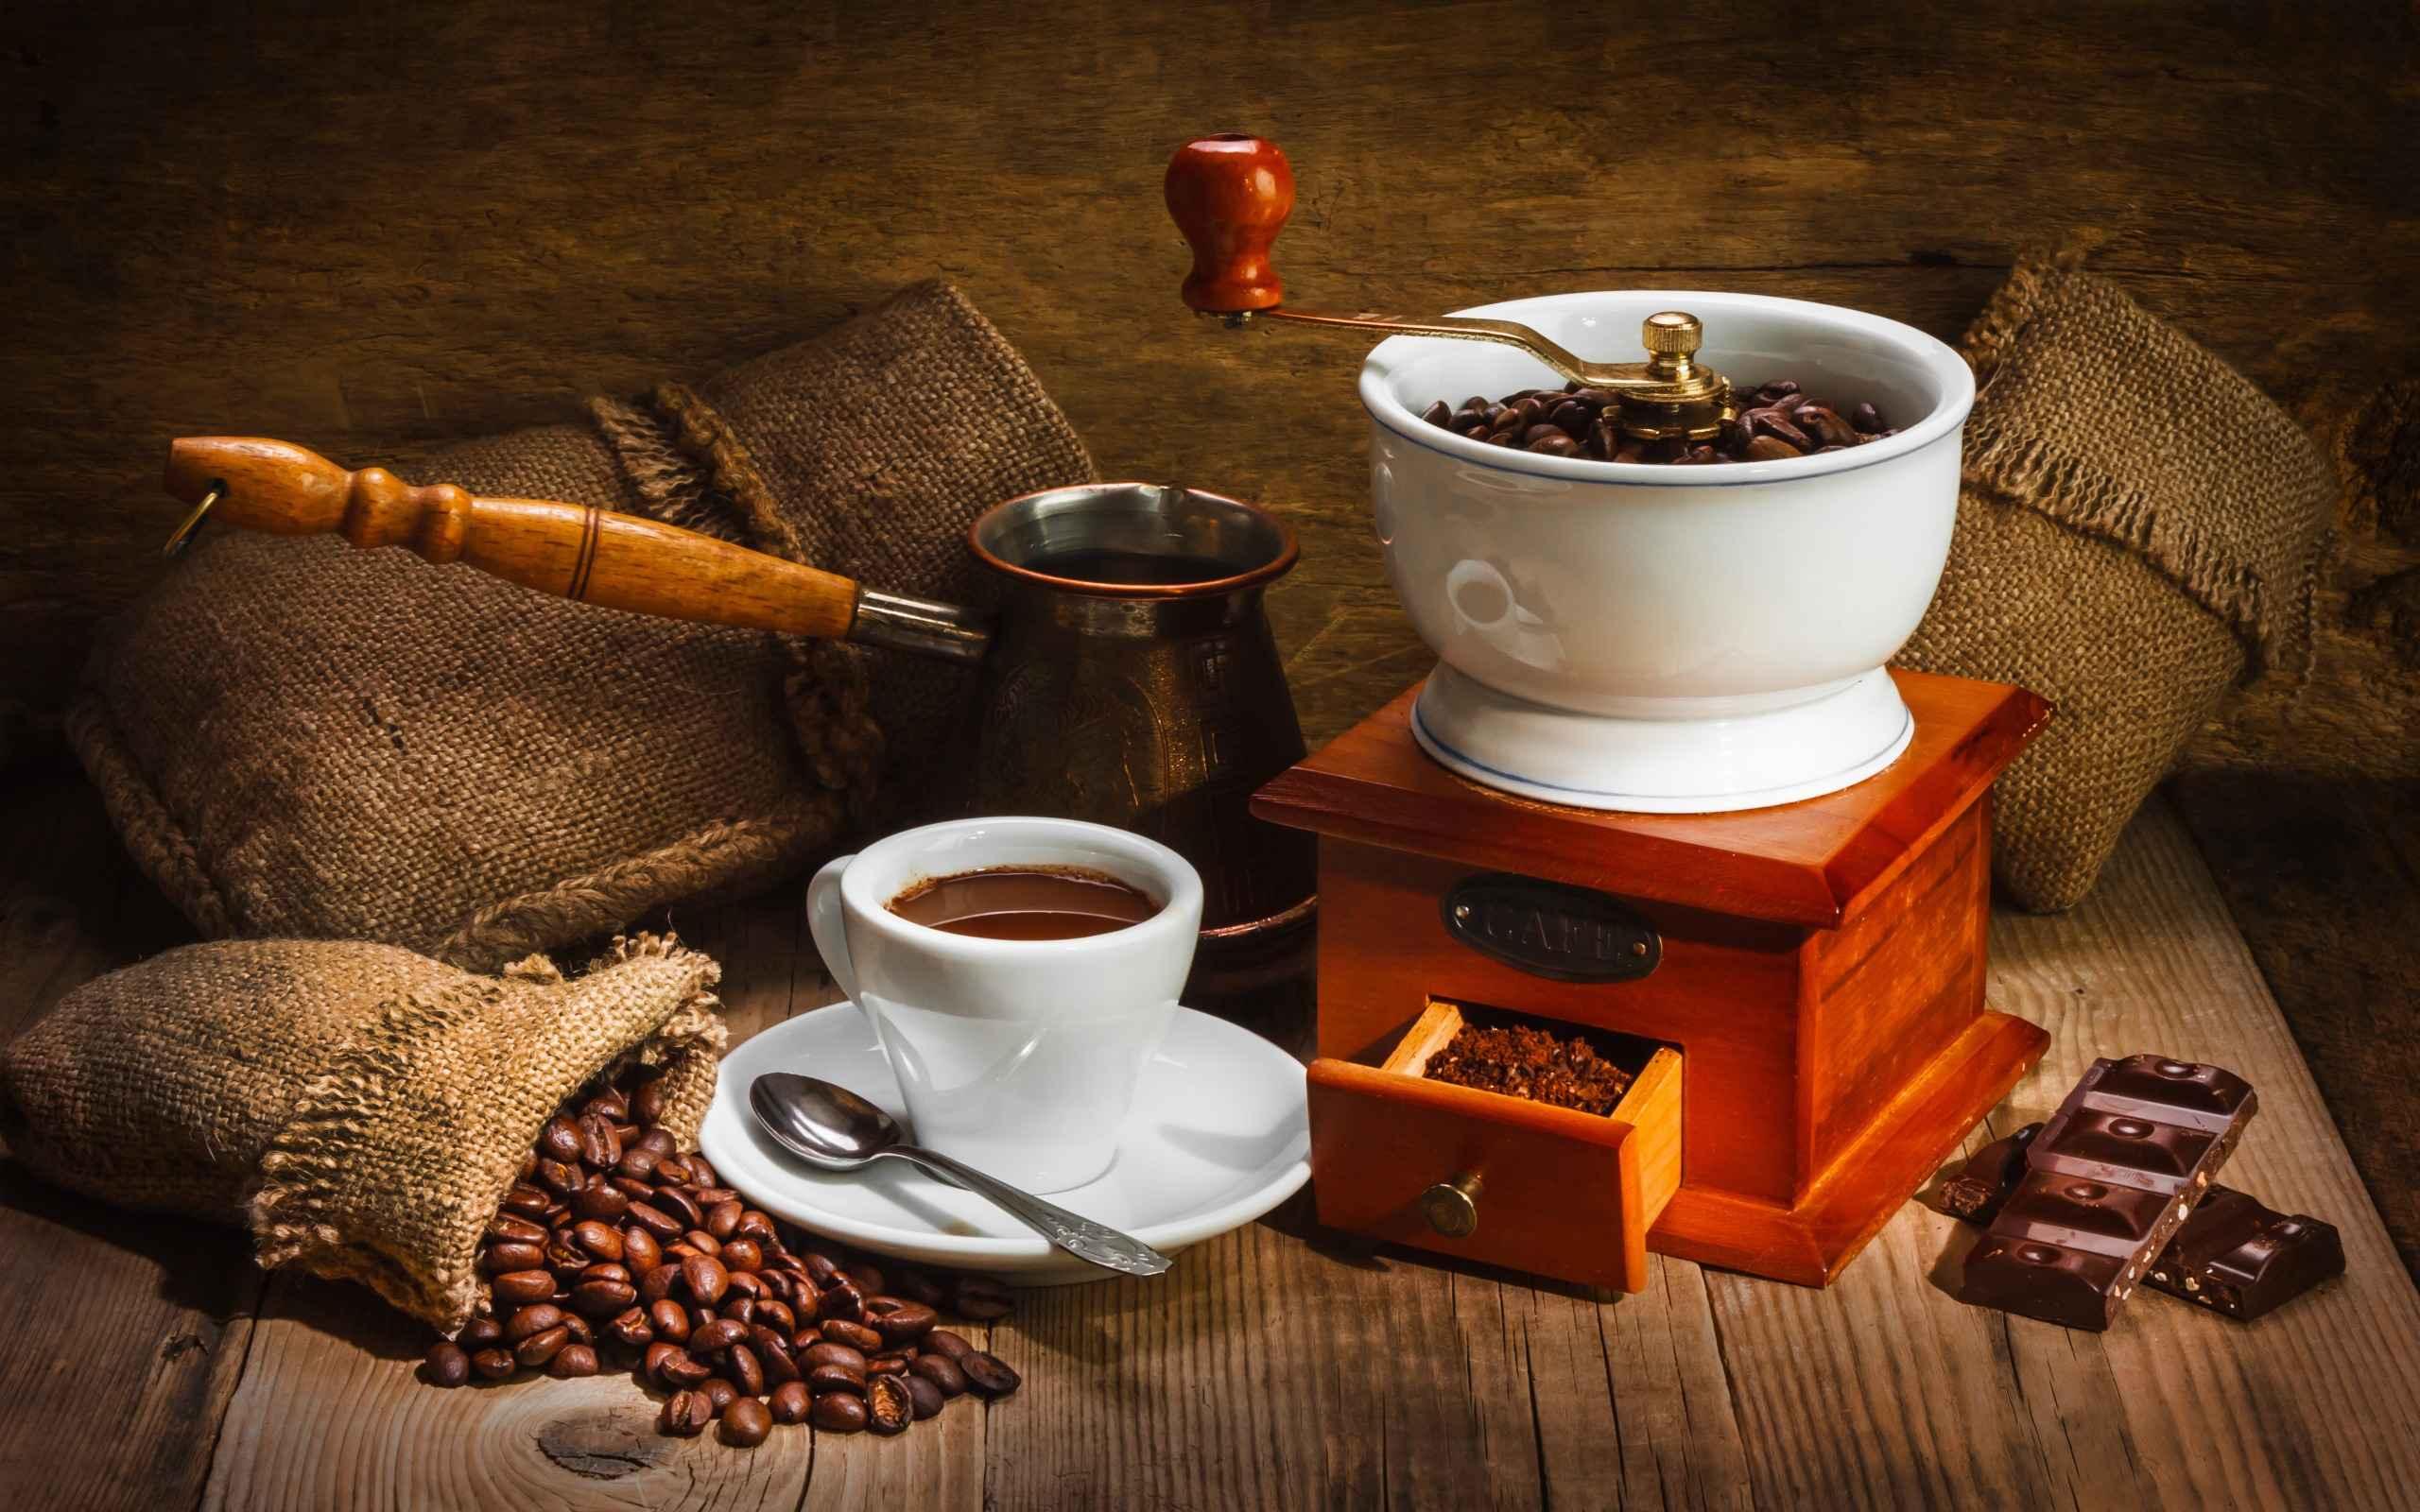 Рейтинг лучшего кофе для турки на 2020 год